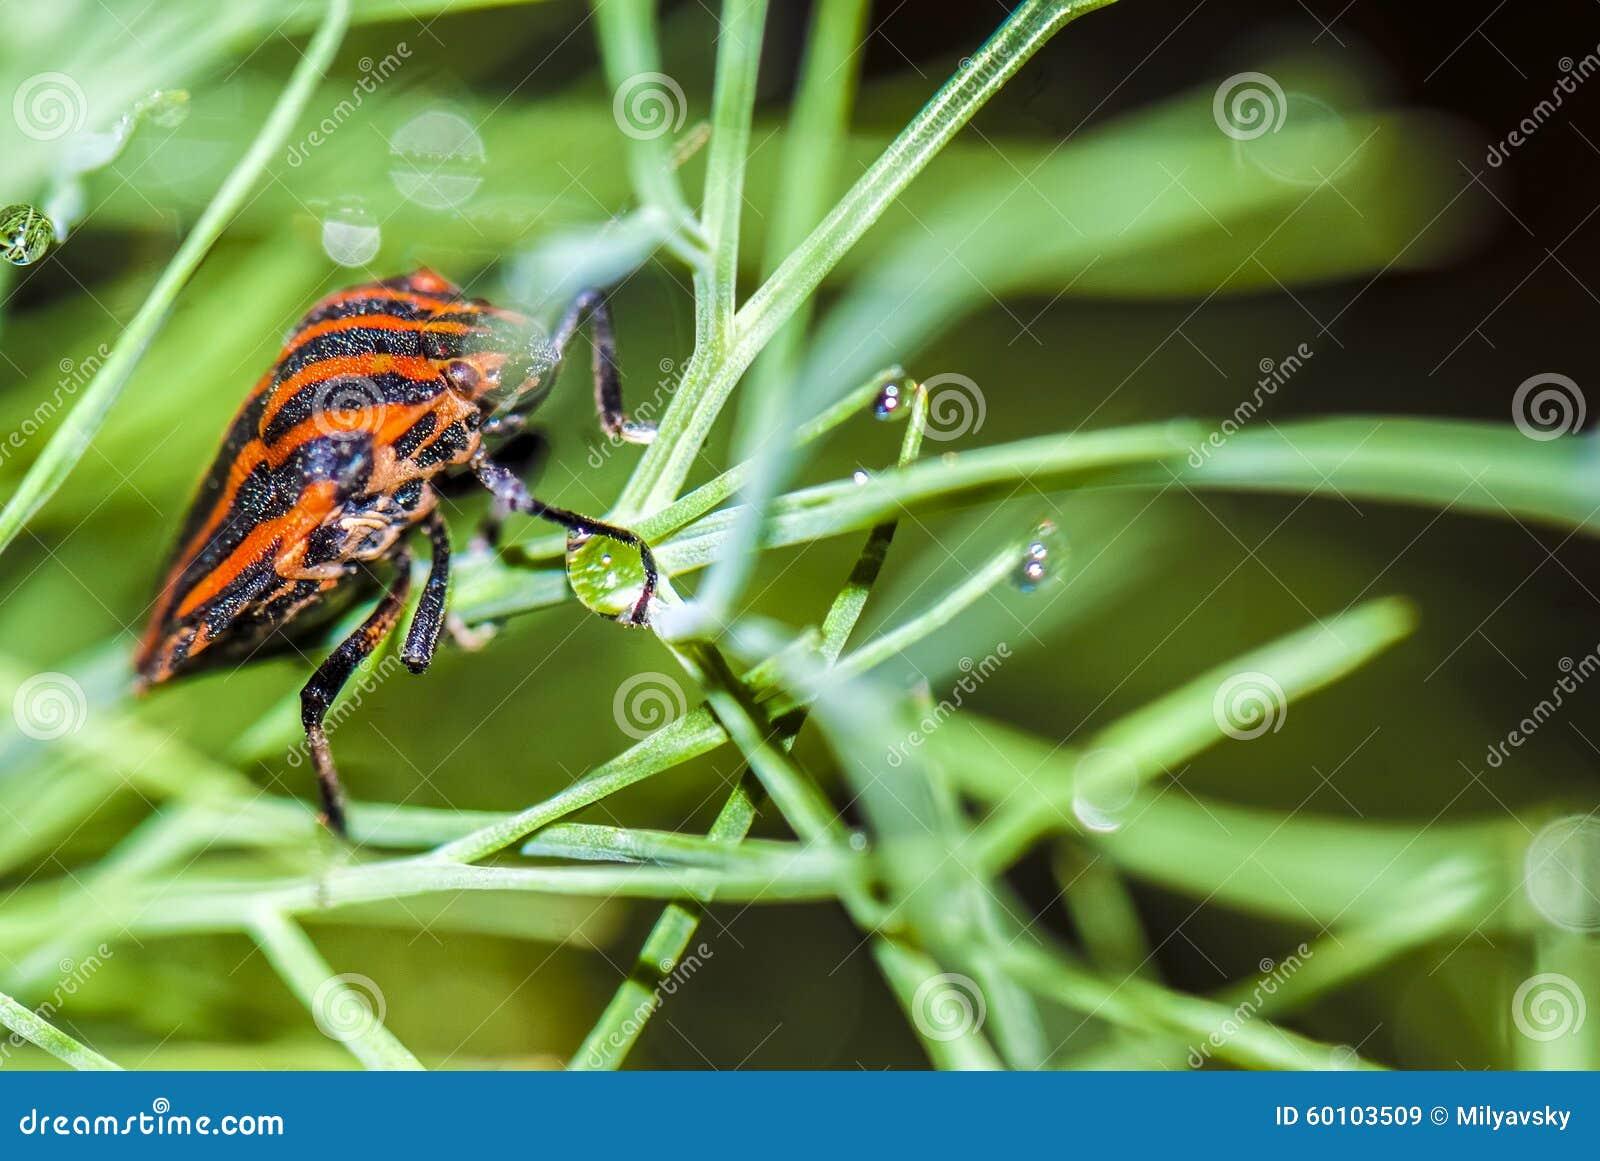 Chiuda sulla visualizzazione sull insetto di Minstreal